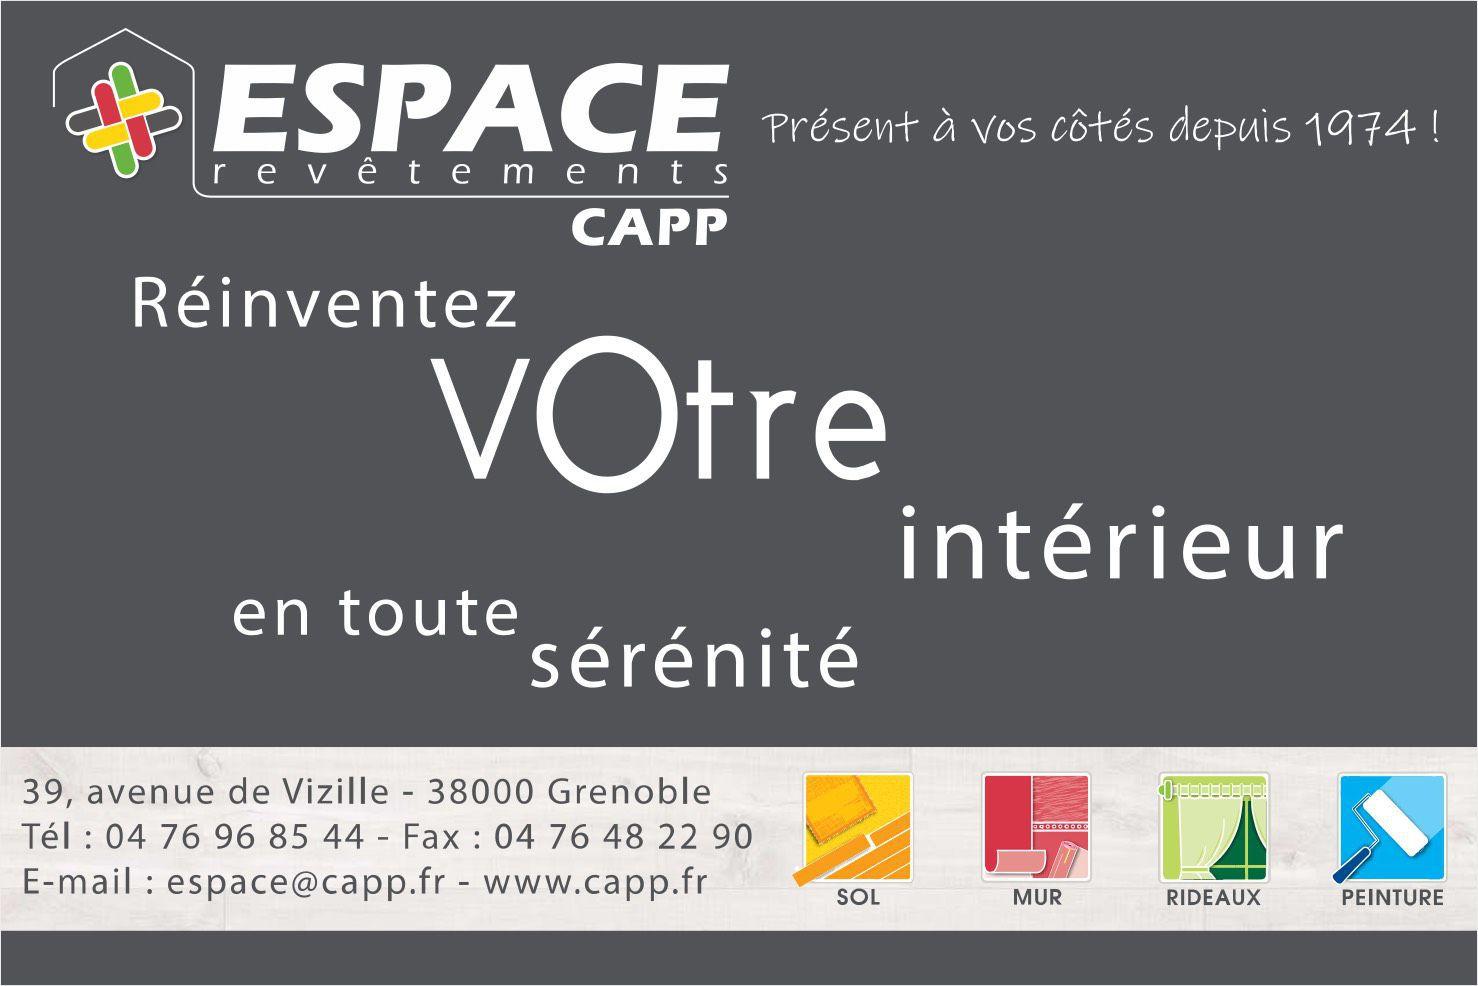 CAPP Espace Revêtements peinture et vernis (détail)